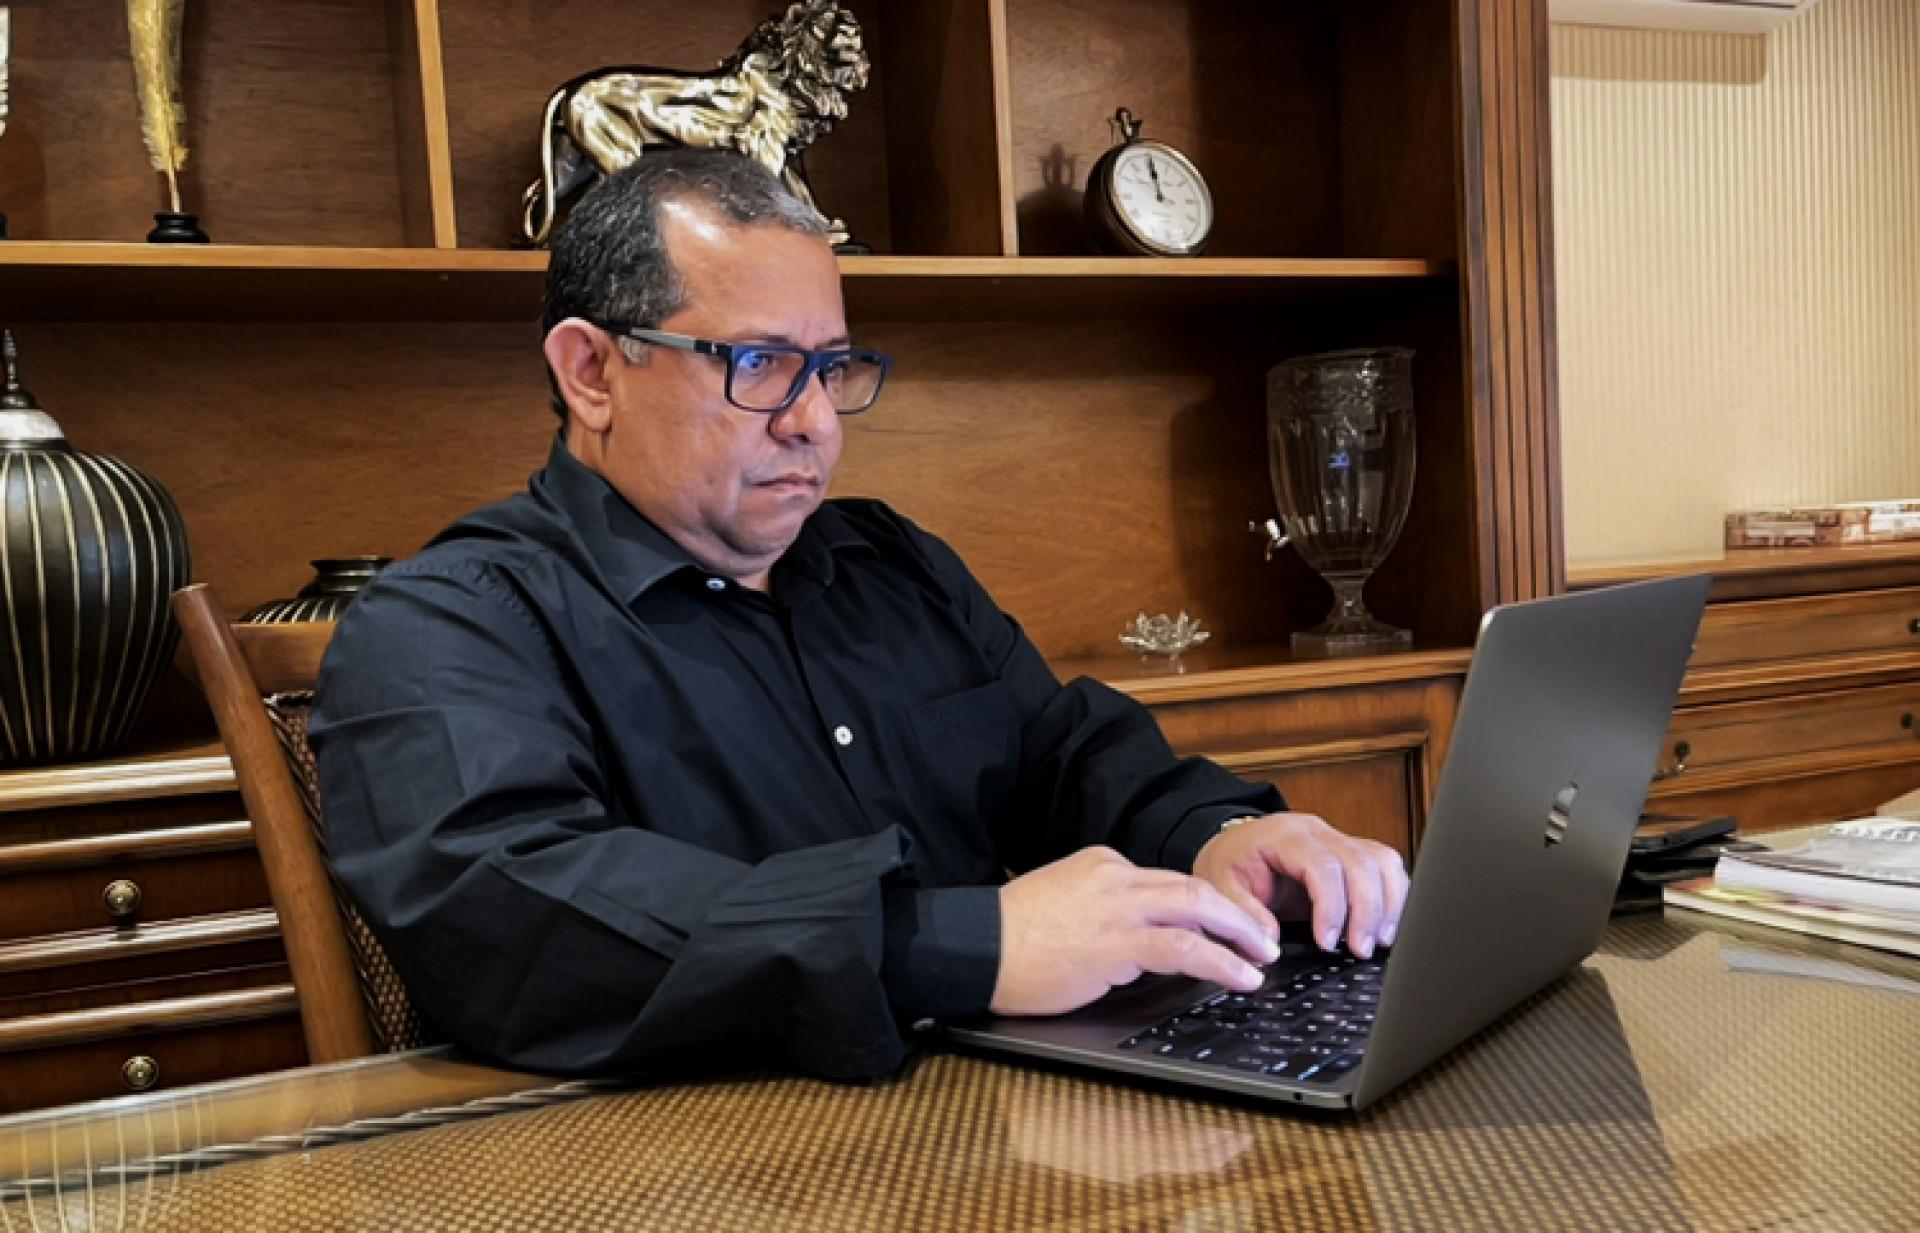 Augusto Fernandes, CEO da JM Negócios Internacionais (Foto: Thais Mesquita)